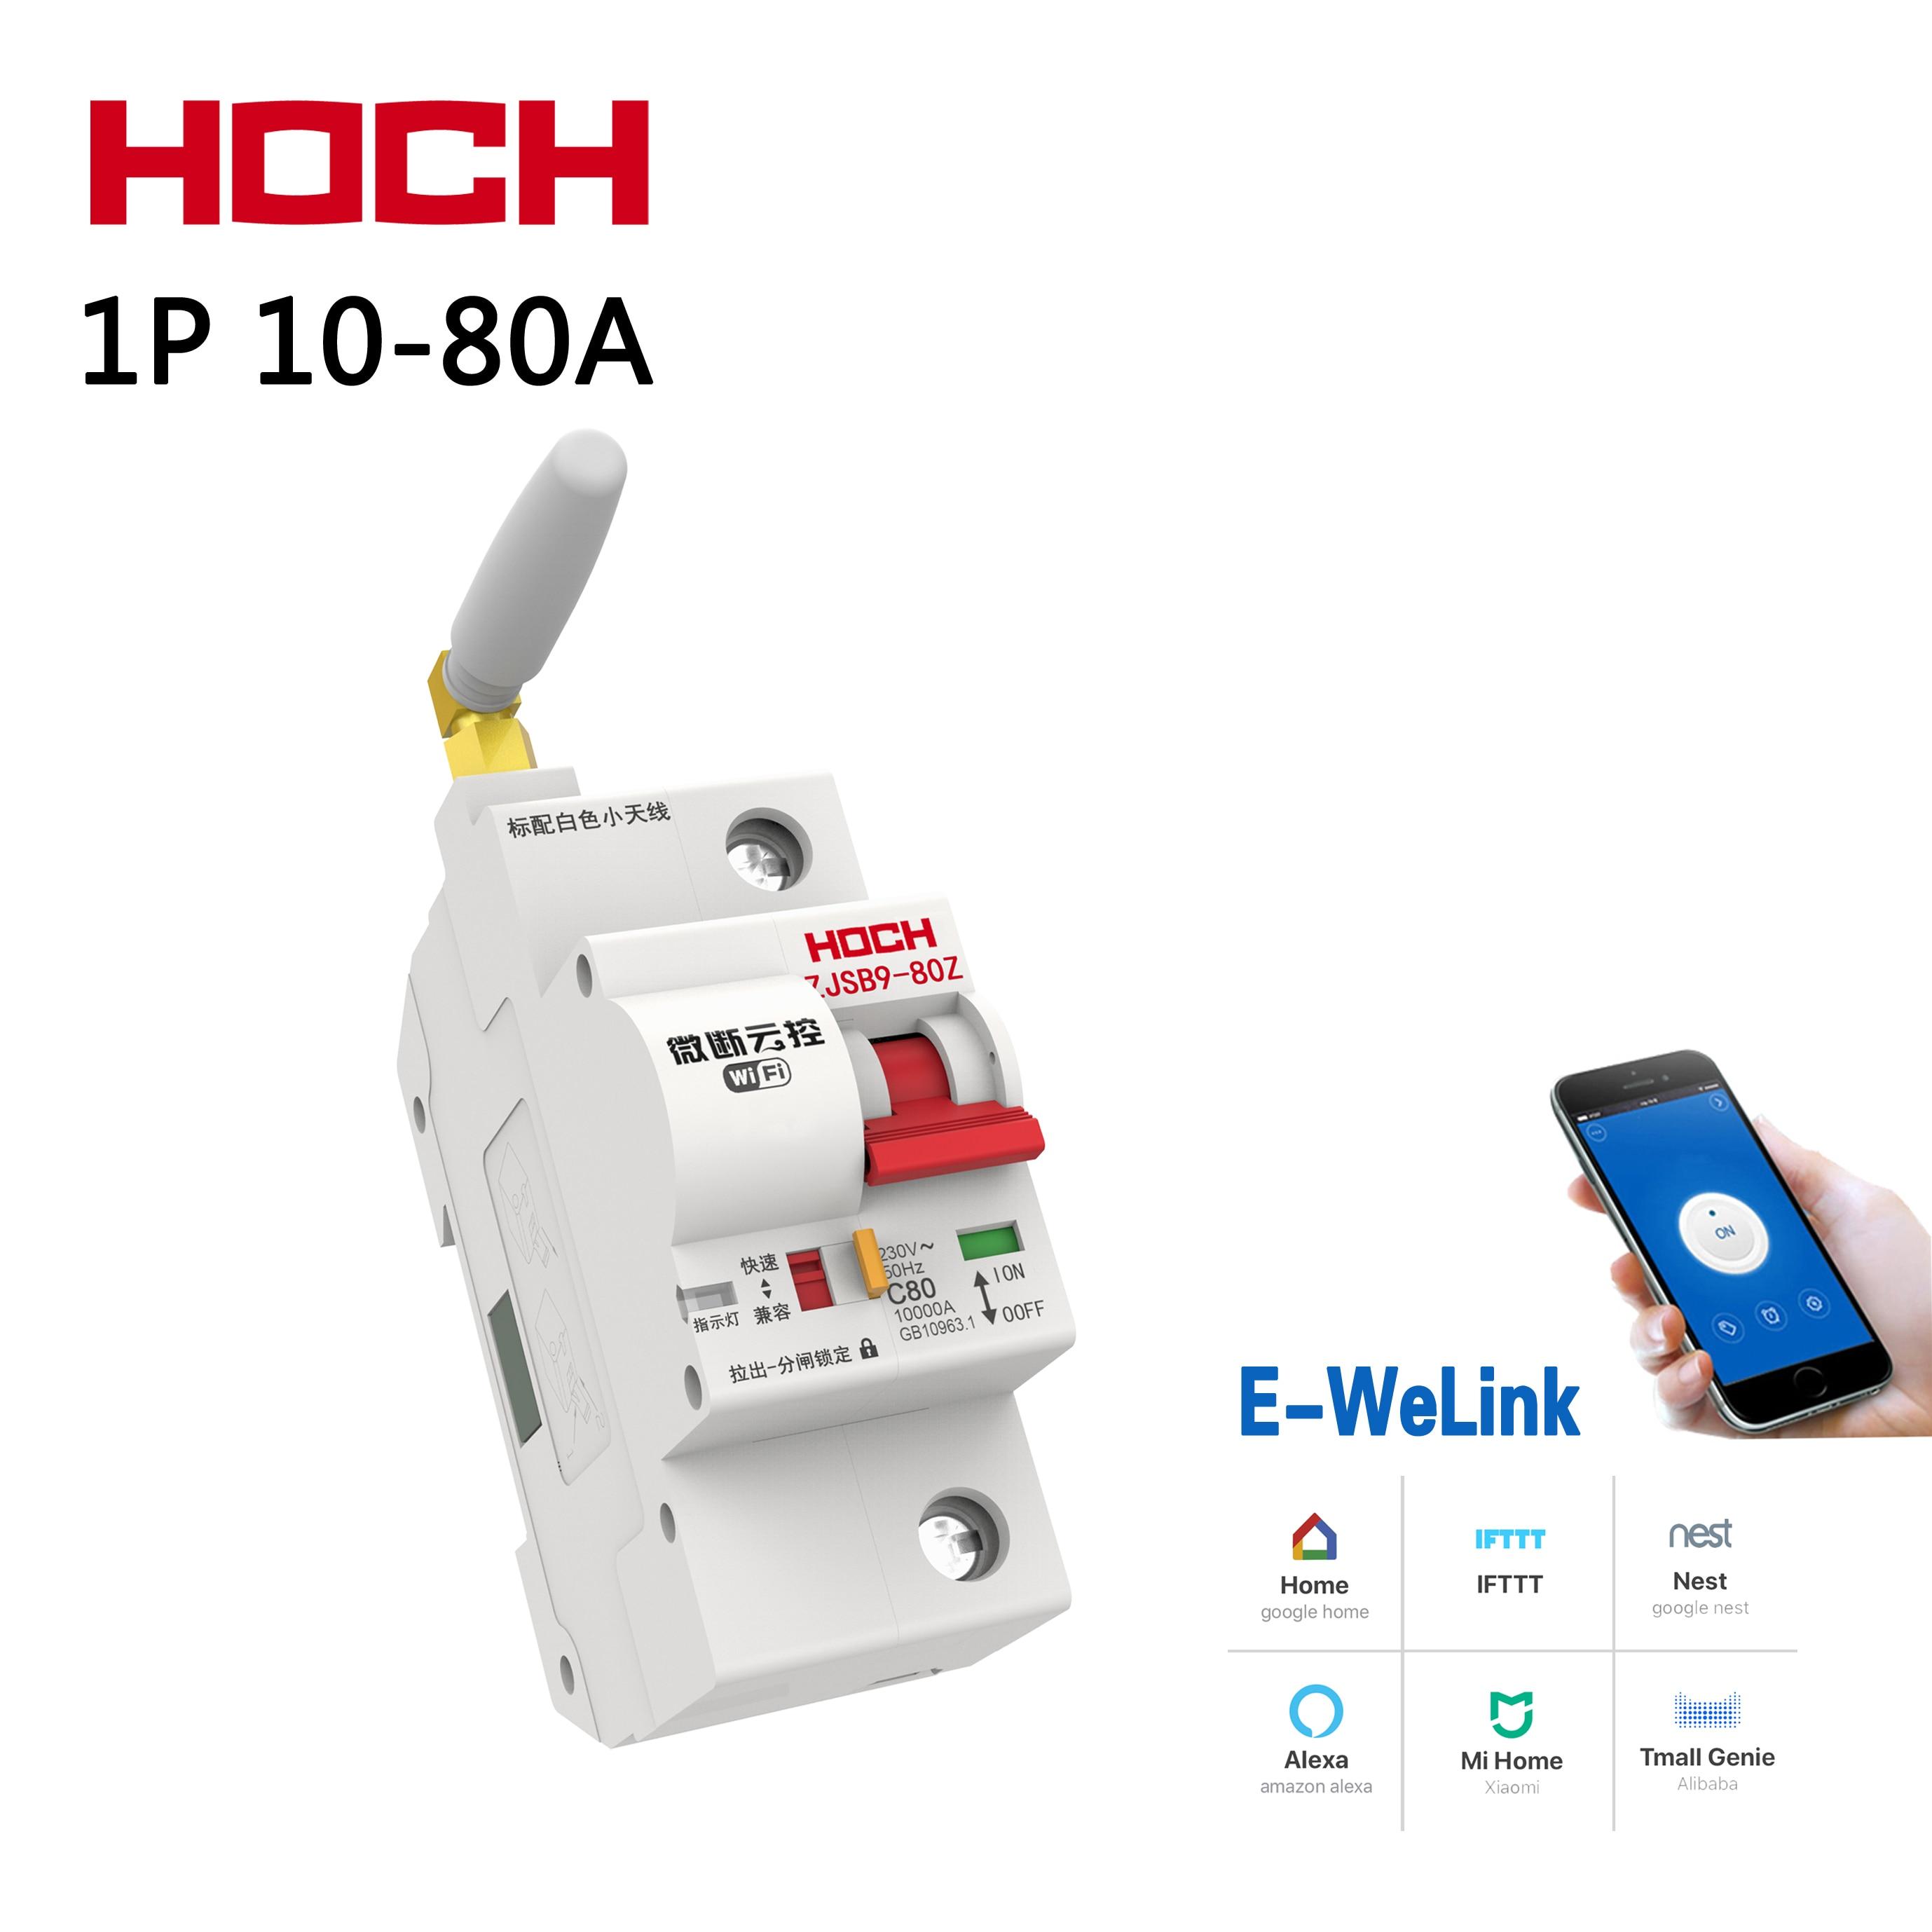 HOCH WIFI disjoncteur 1P usine télécommande sans fil Ewelink Tuya intelligent intelligent automatique commutateur de surveillance de l'énergie